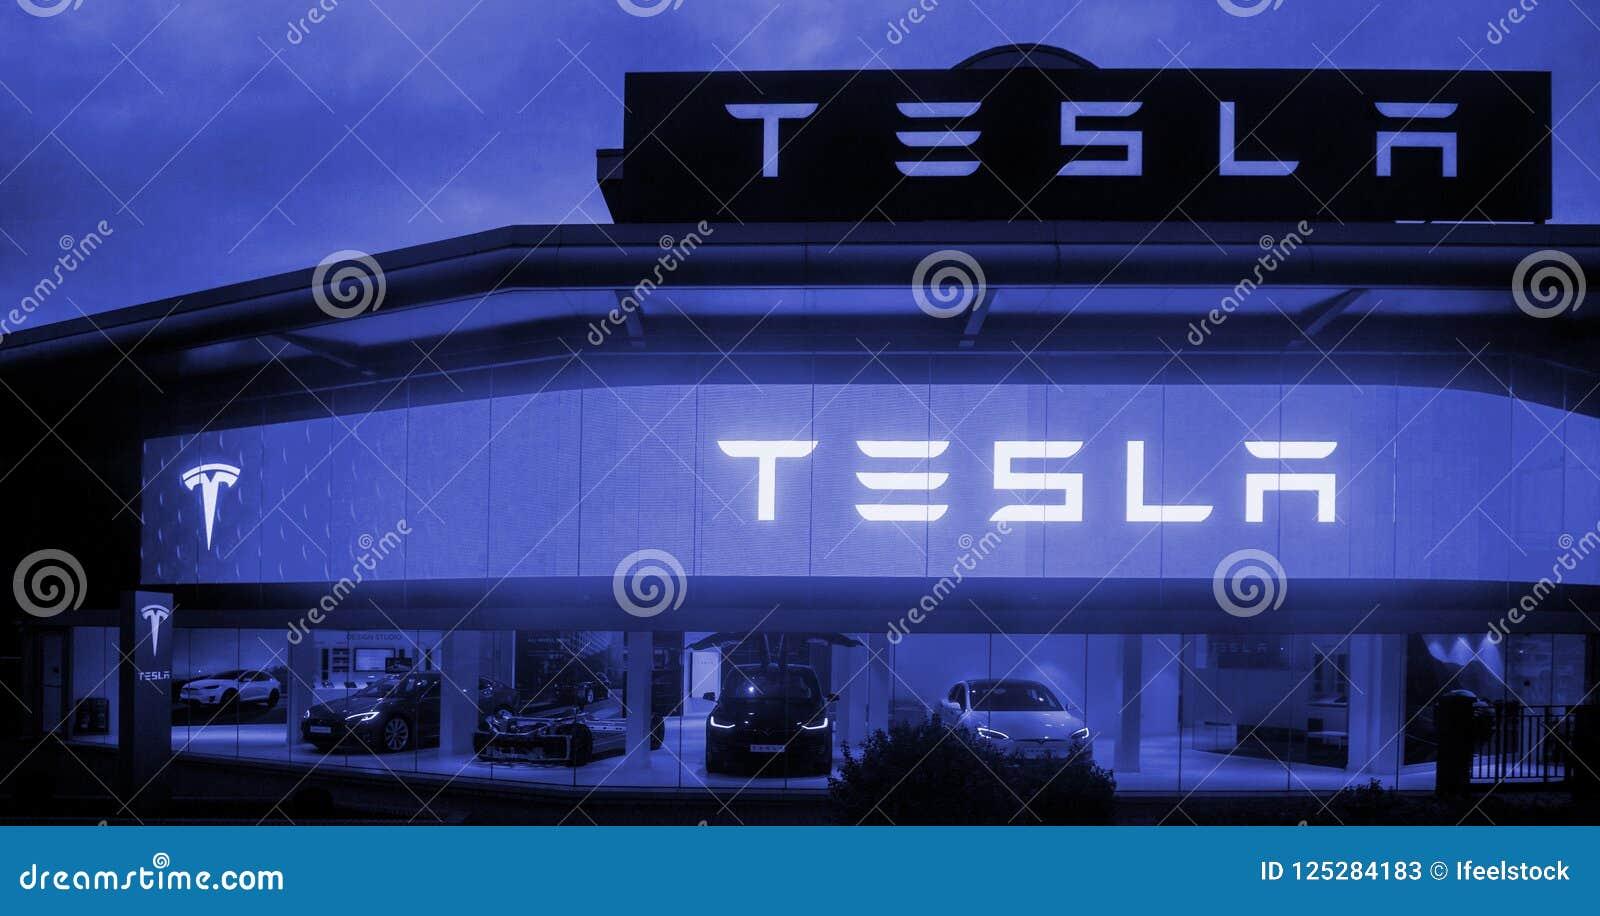 Tesla едет на автомобиле выставочный зал с автомобилями внутри и загоренными отрубями логотипа